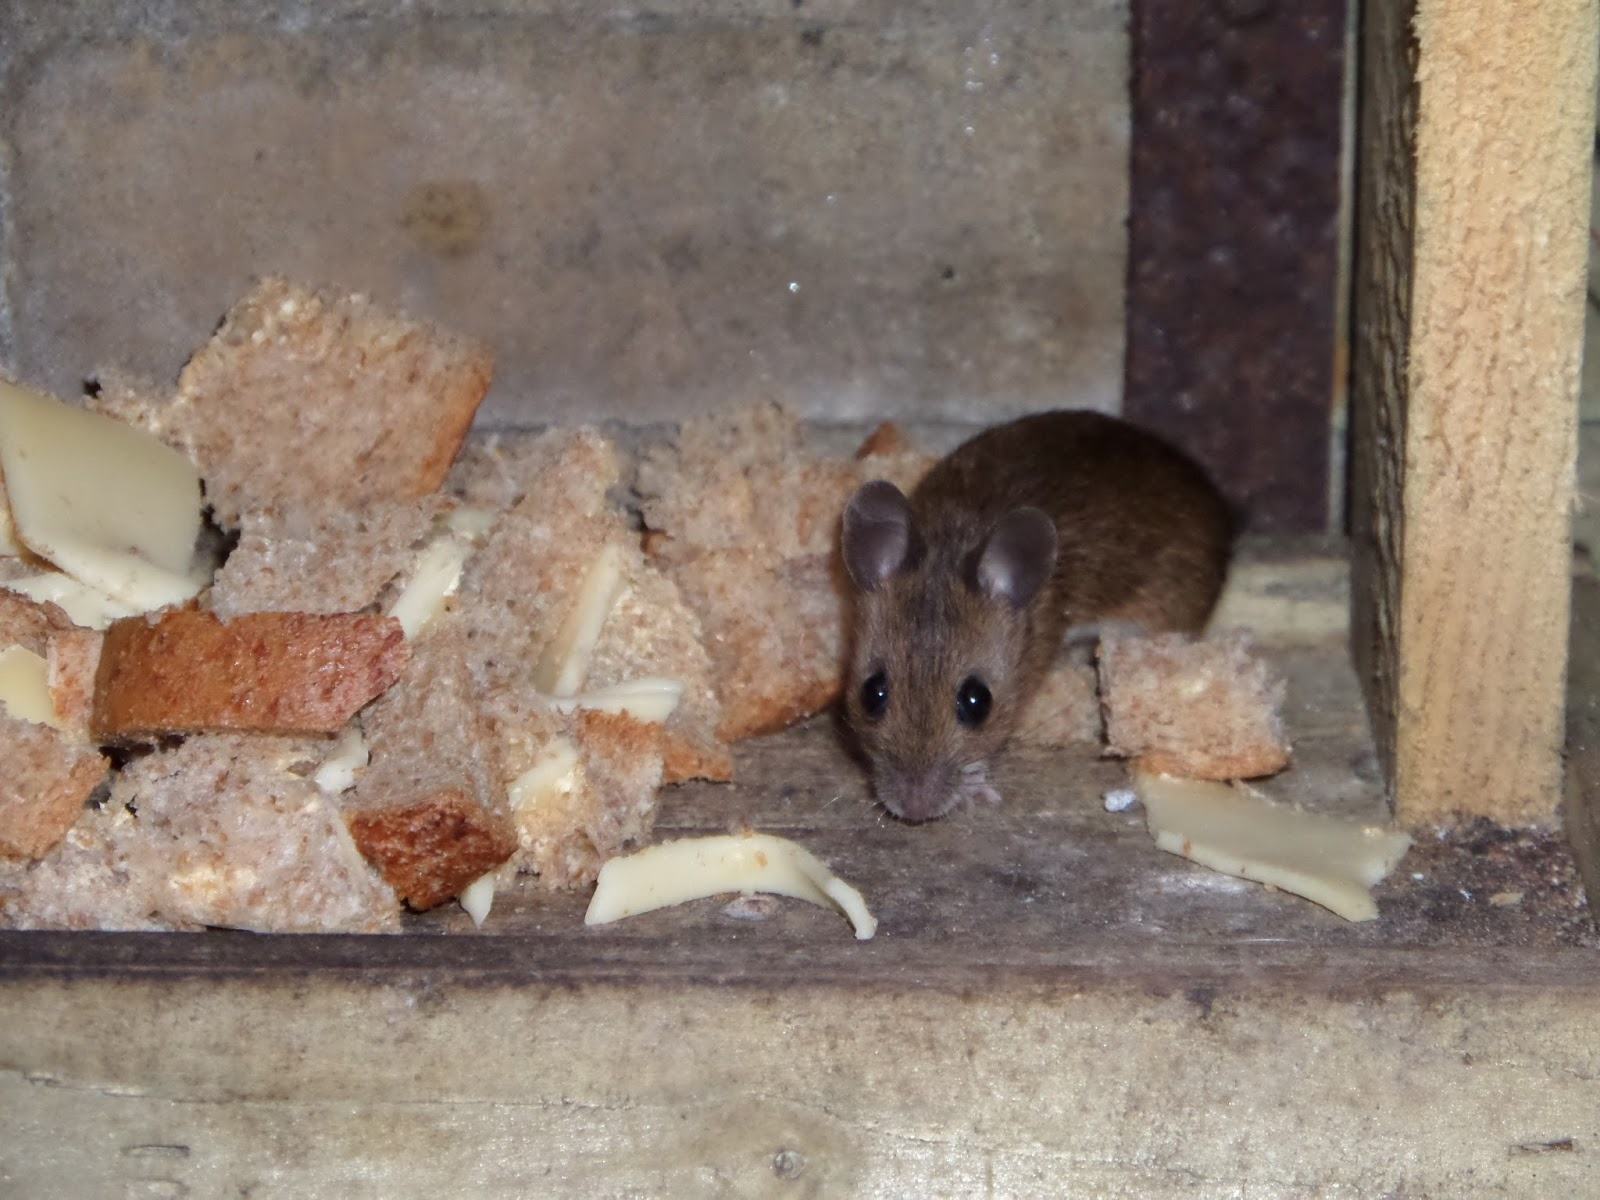 Familie Dubbelop: Een muis in het vogelhuis!